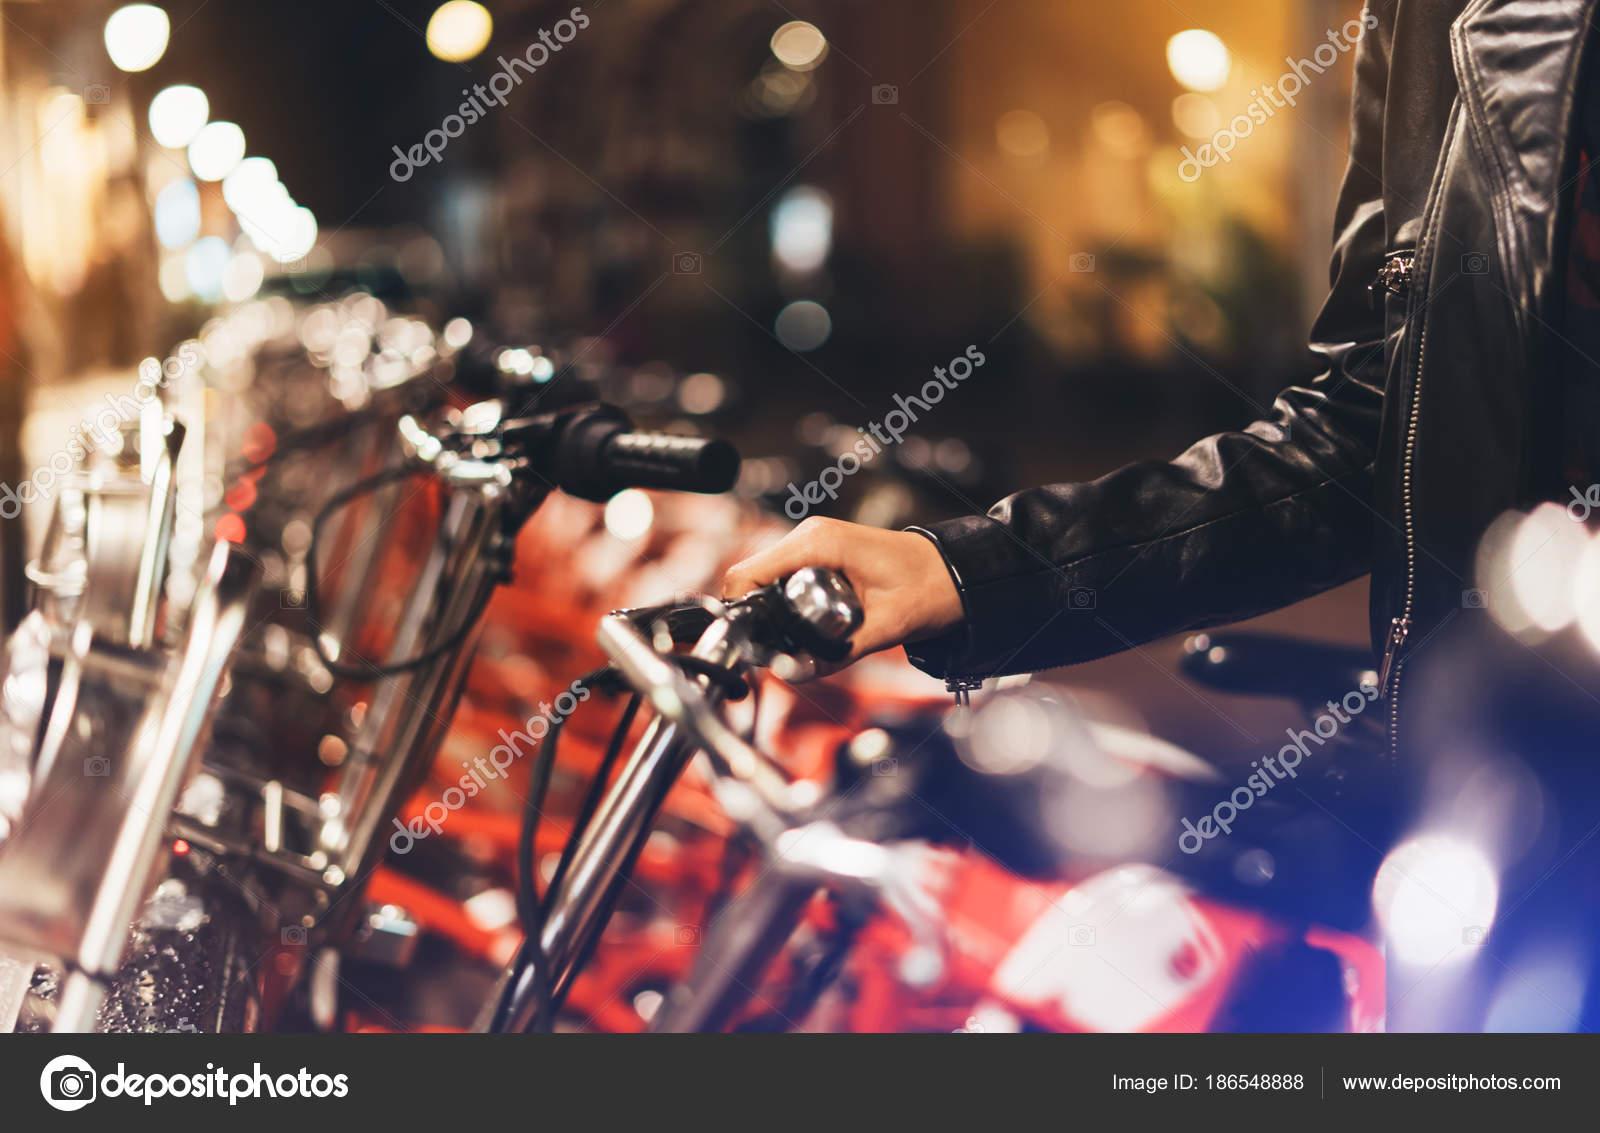 Giovane ragazza giacca pelle nera utilizzando bici bokeh sfondo